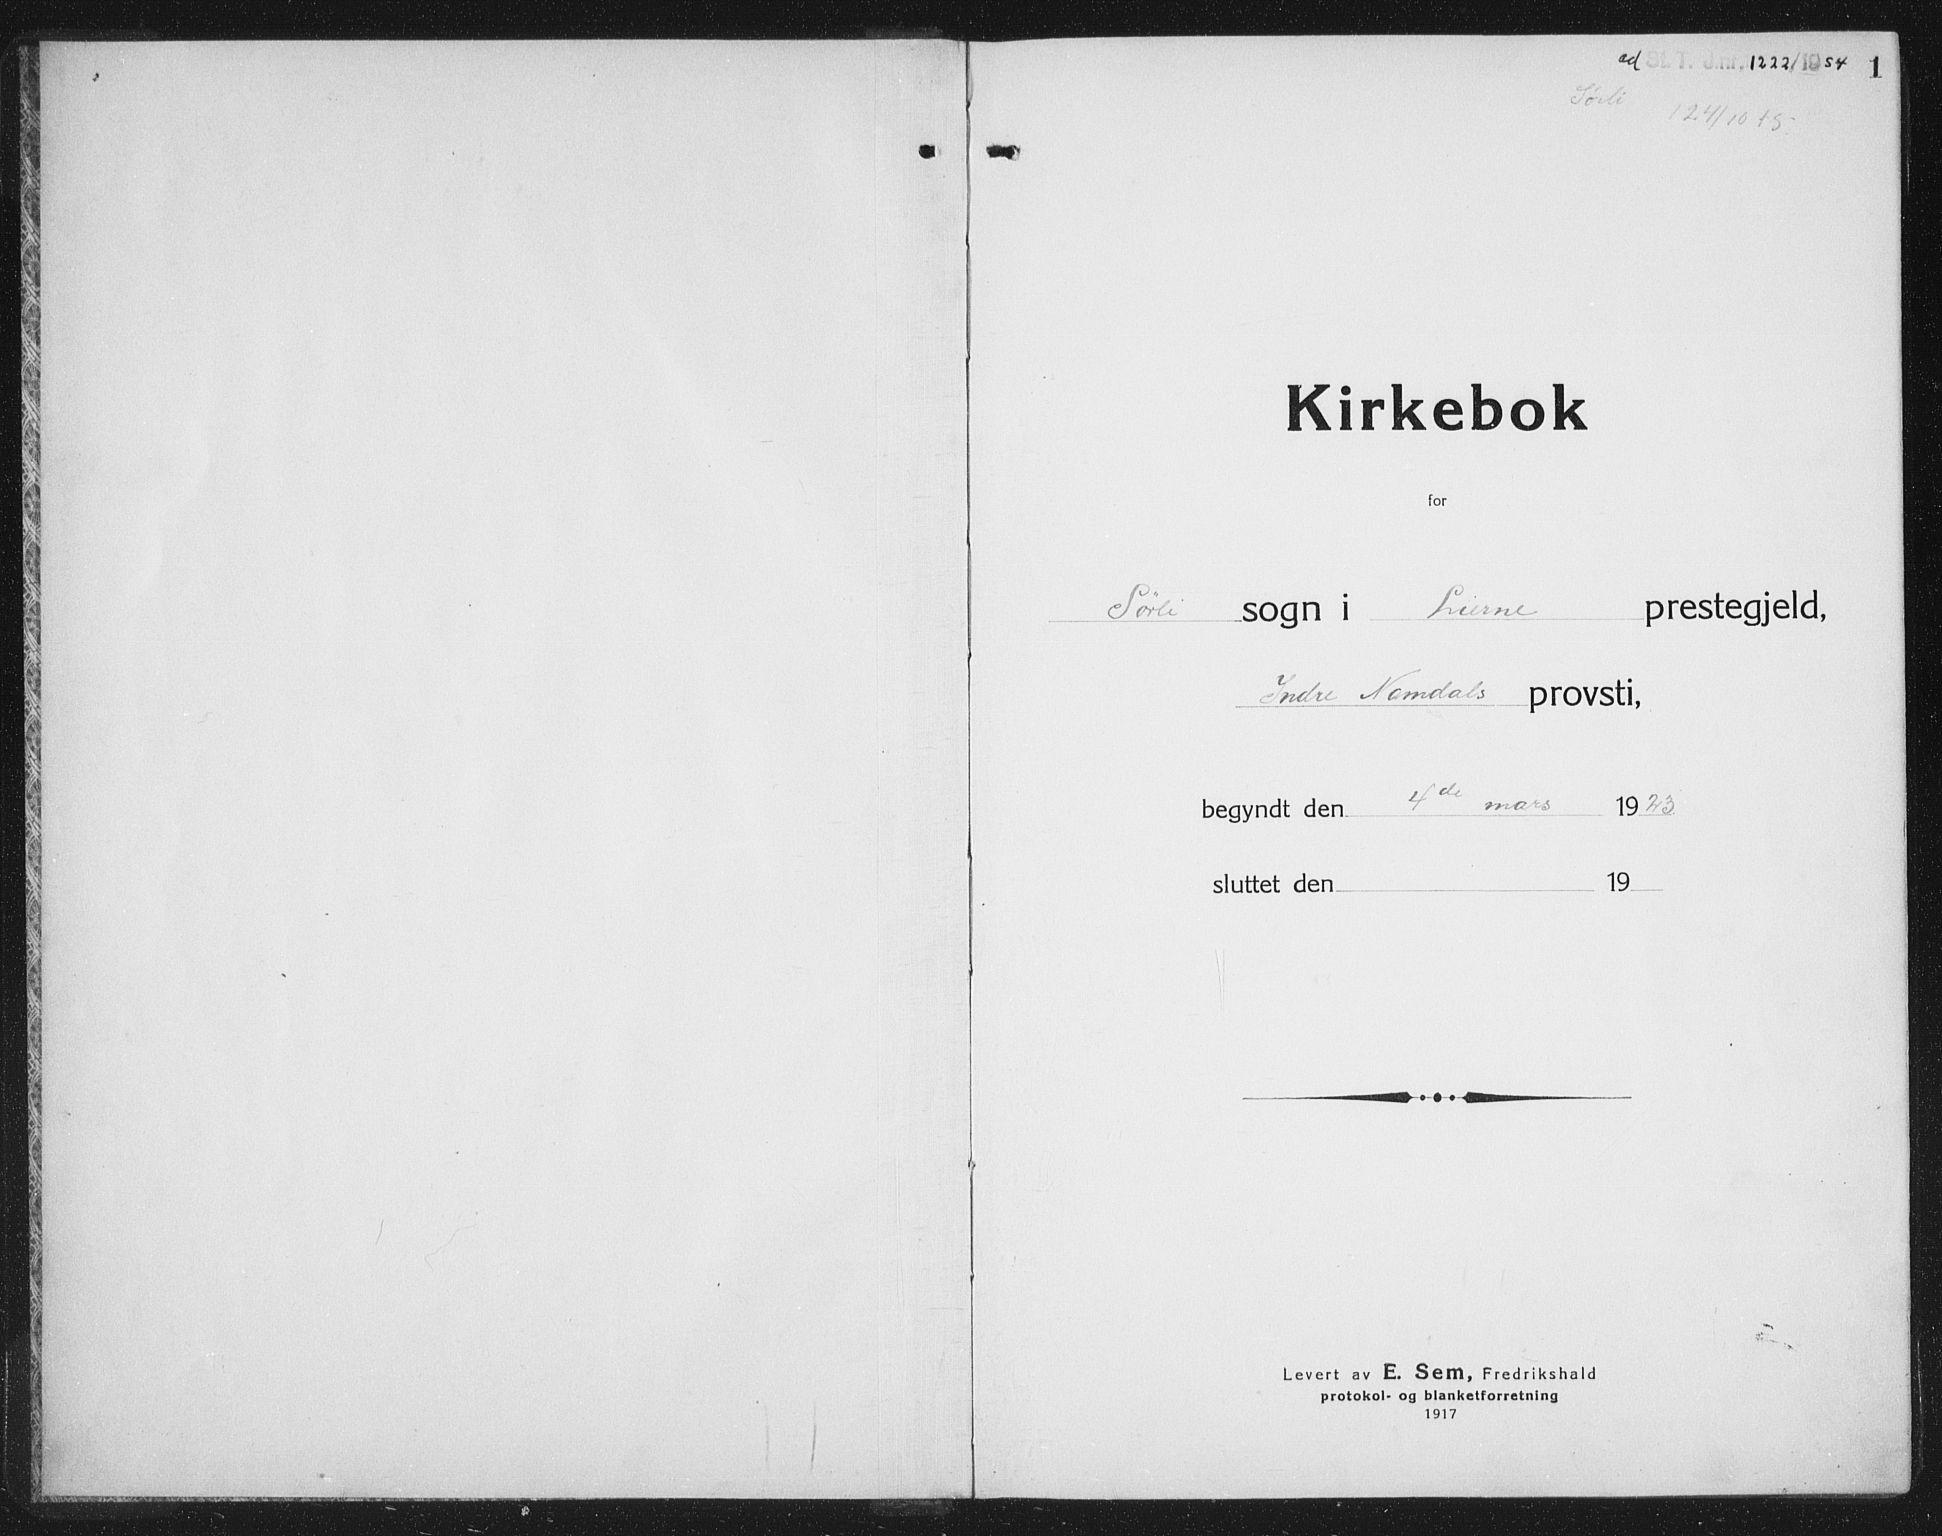 SAT, Ministerialprotokoller, klokkerbøker og fødselsregistre - Nord-Trøndelag, 757/L0507: Klokkerbok nr. 757C02, 1923-1939, s. 1